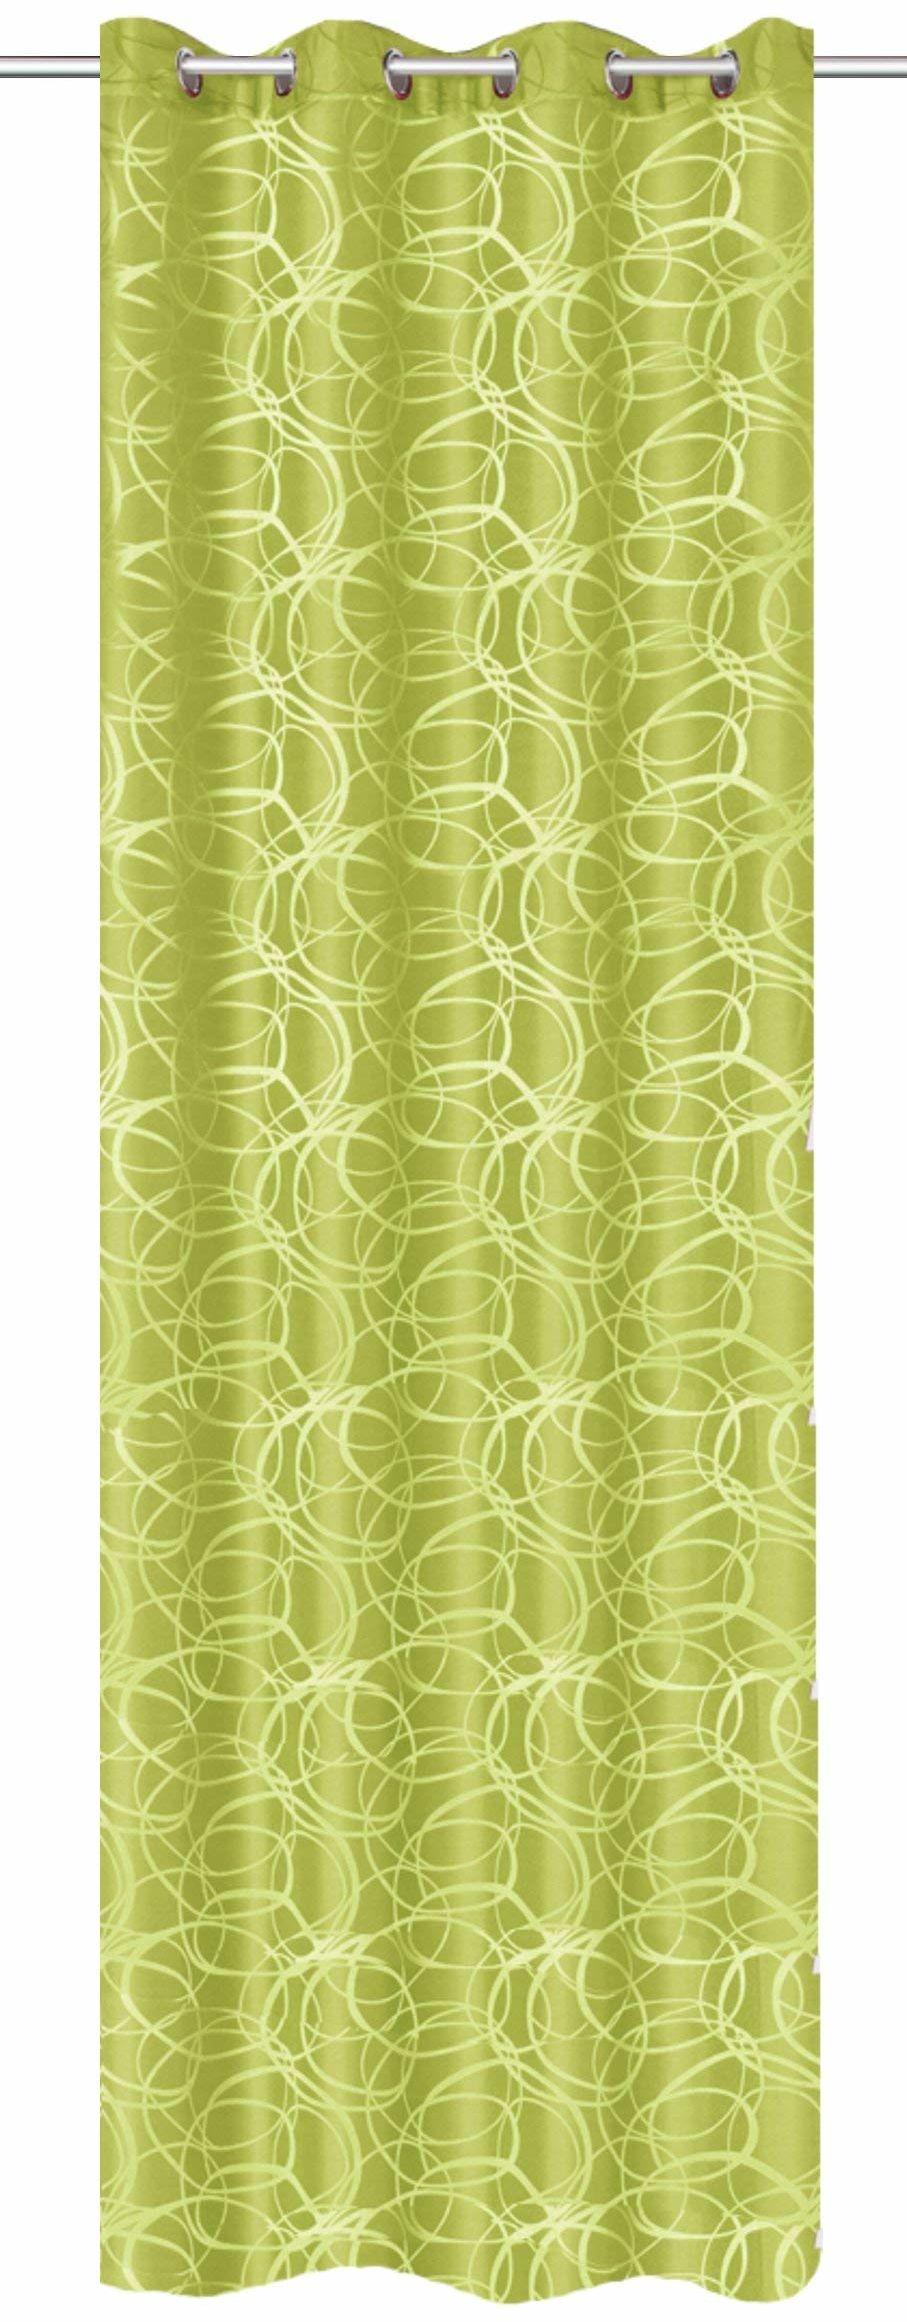 Home fashion Zasłona z oczkami tkanina dekoracyjna wzór żakardowy, poliester, zielona, 245 x 140 cm